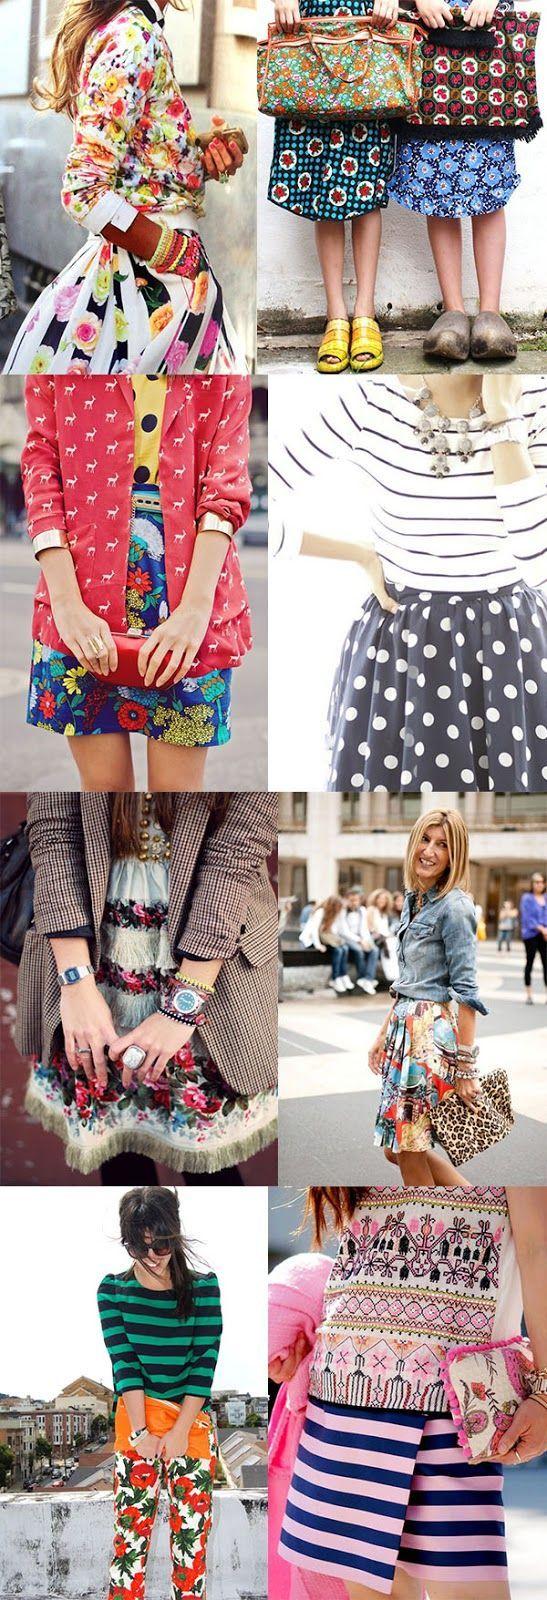 fashion friday pattern mixing